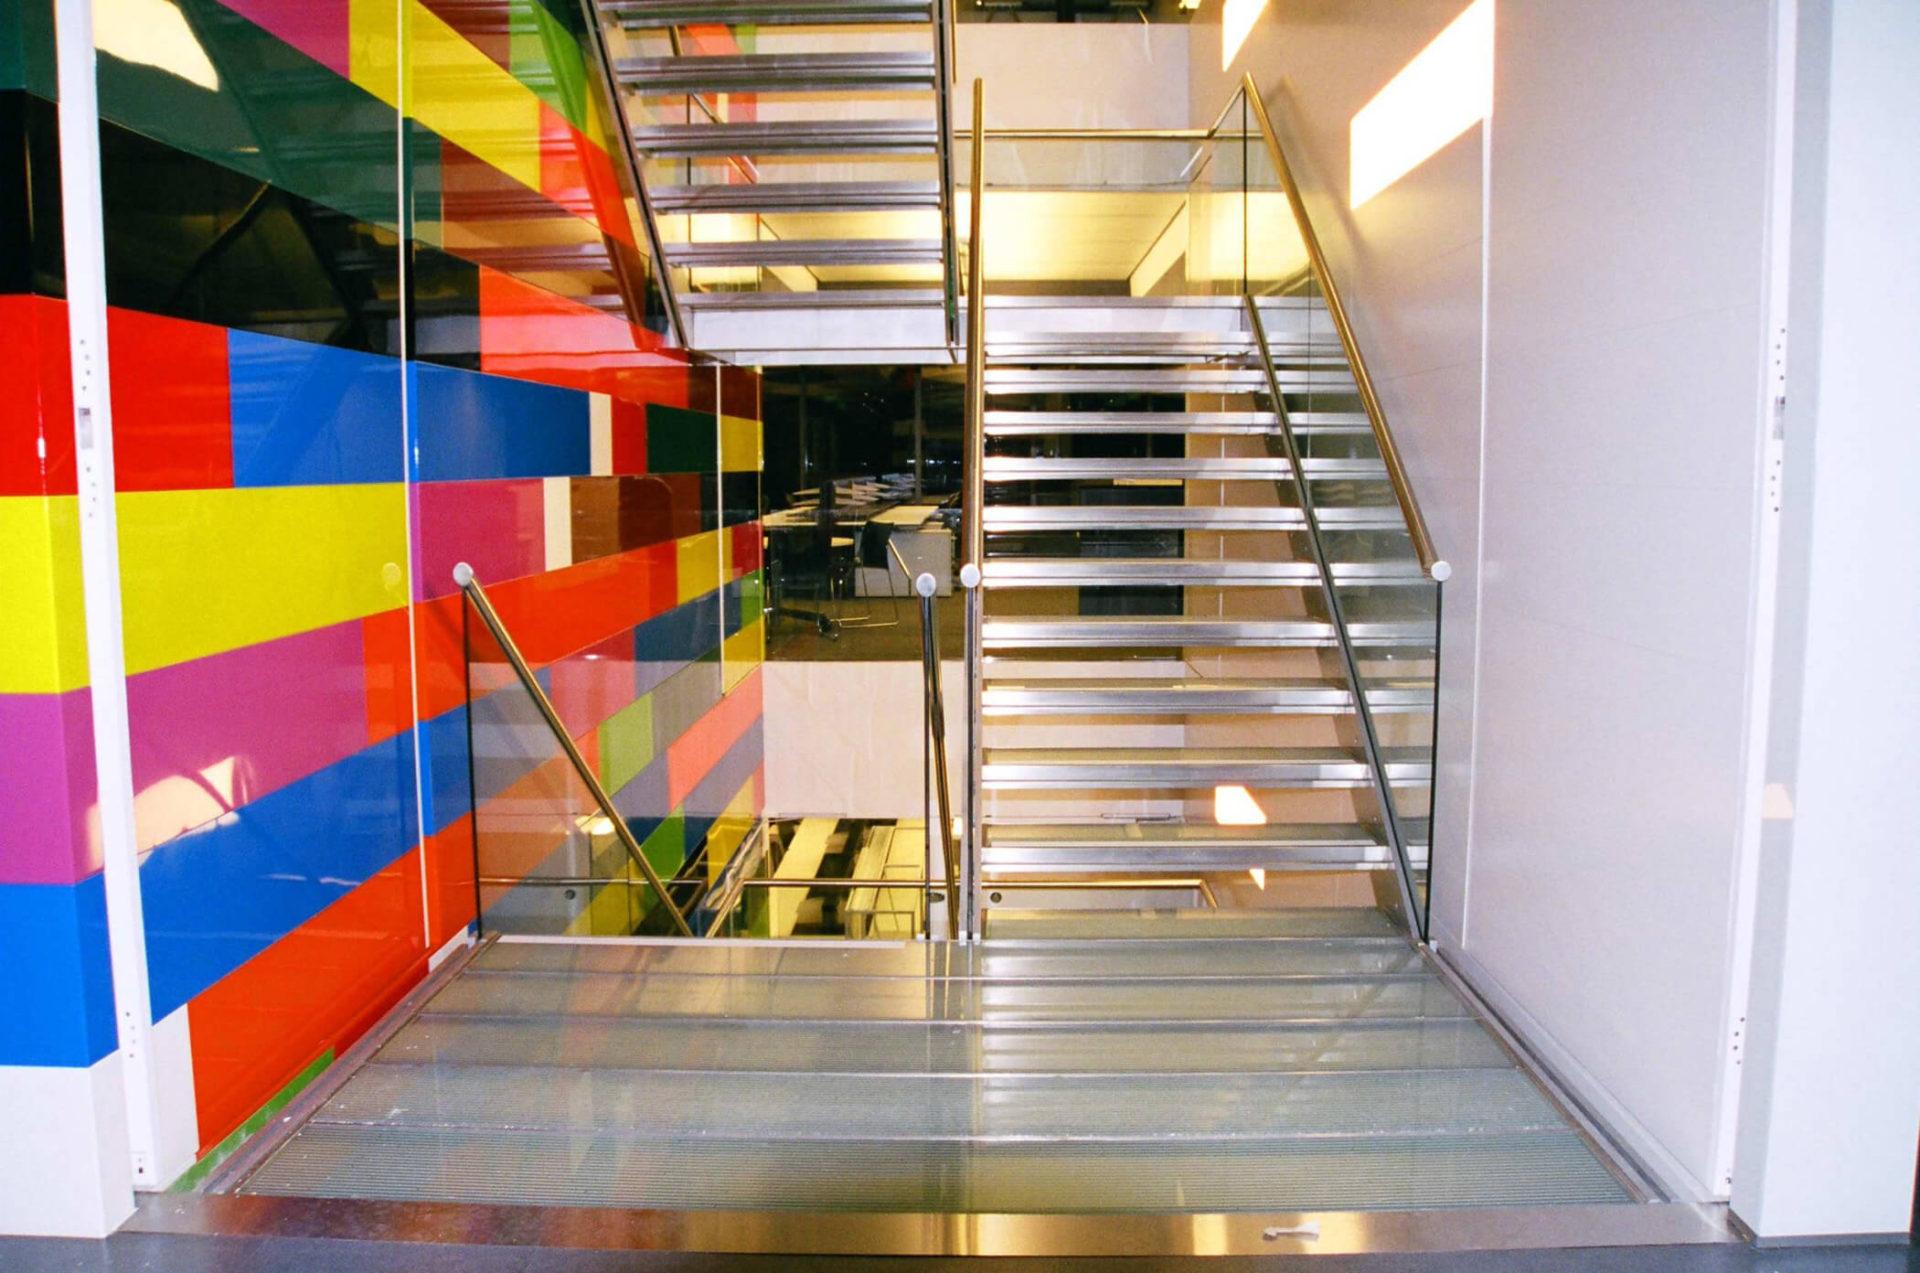 Stair Artwork